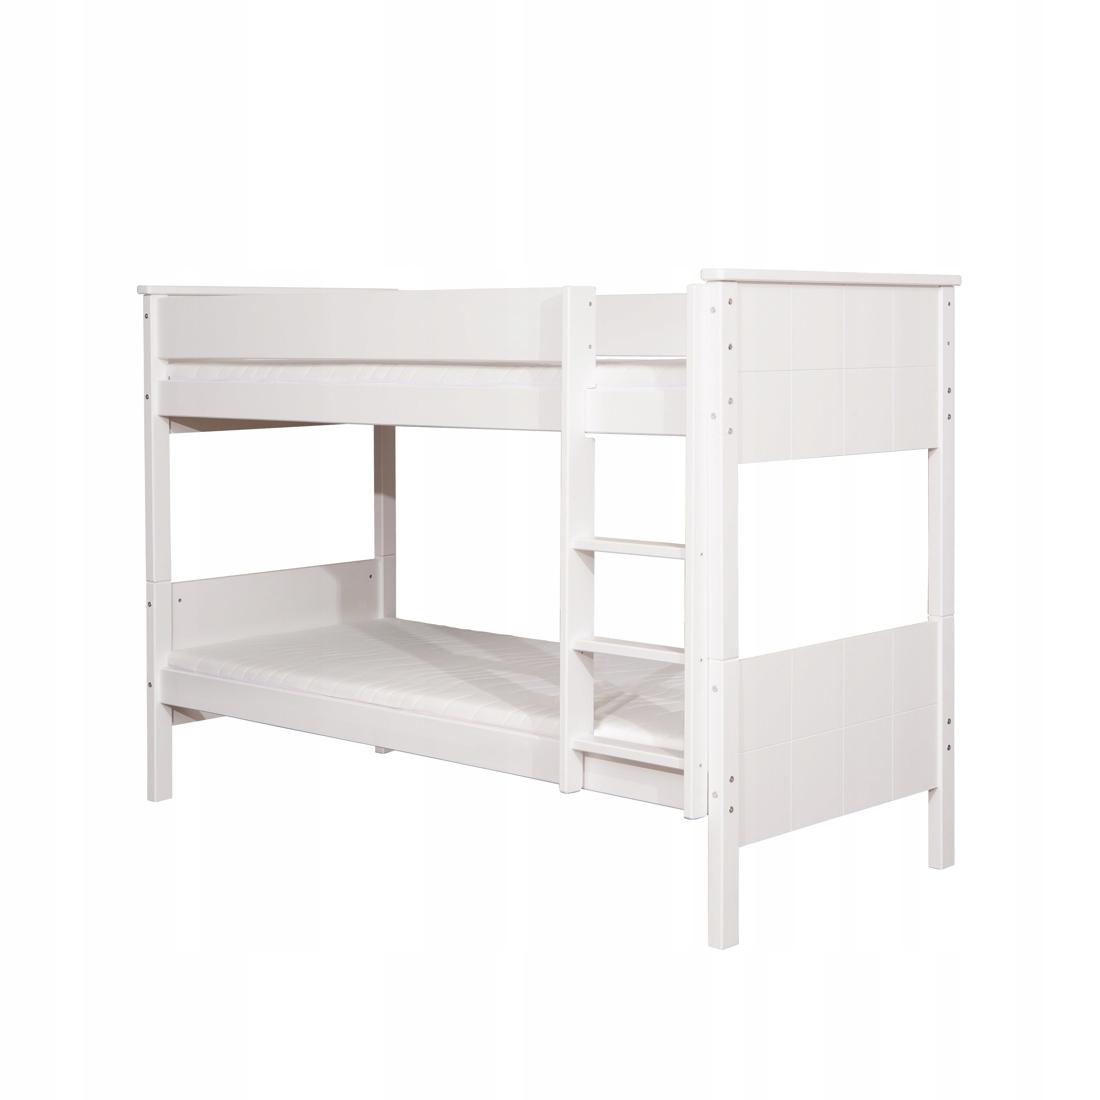 Meble Doktór łóżko Piętrowe Eryk Z Materacami 7398481528